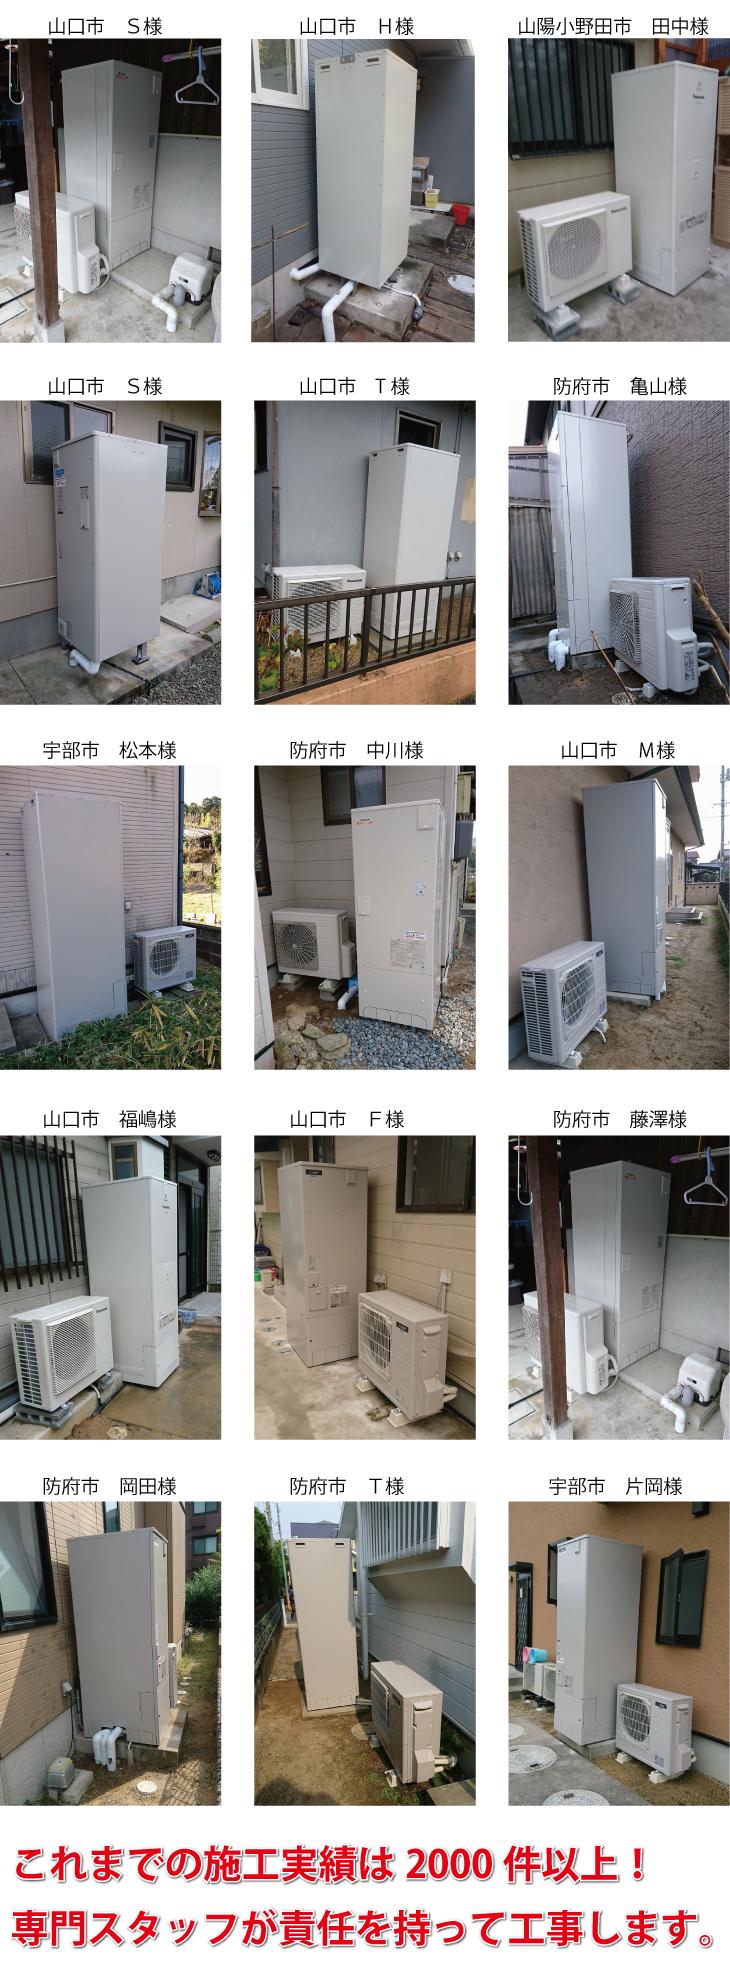 エコキュートと電気温水器施工事例